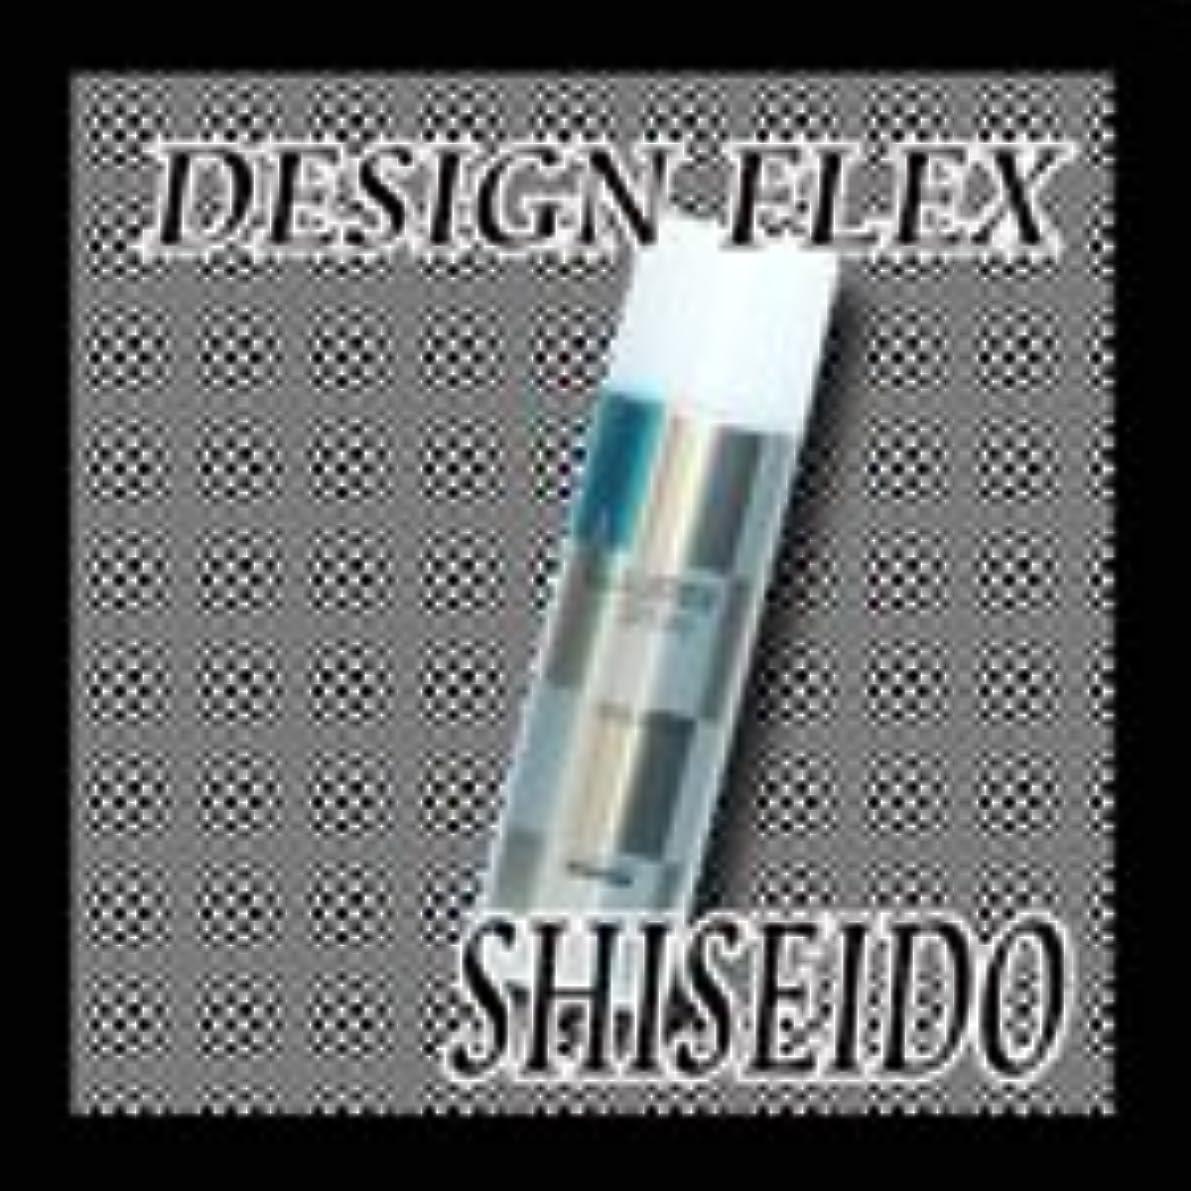 味方スマッシュ赤面SHISEIDO 資生堂 プロフェッショナル DESIGN FLEX デザインフレックス ラスタースプレー215g